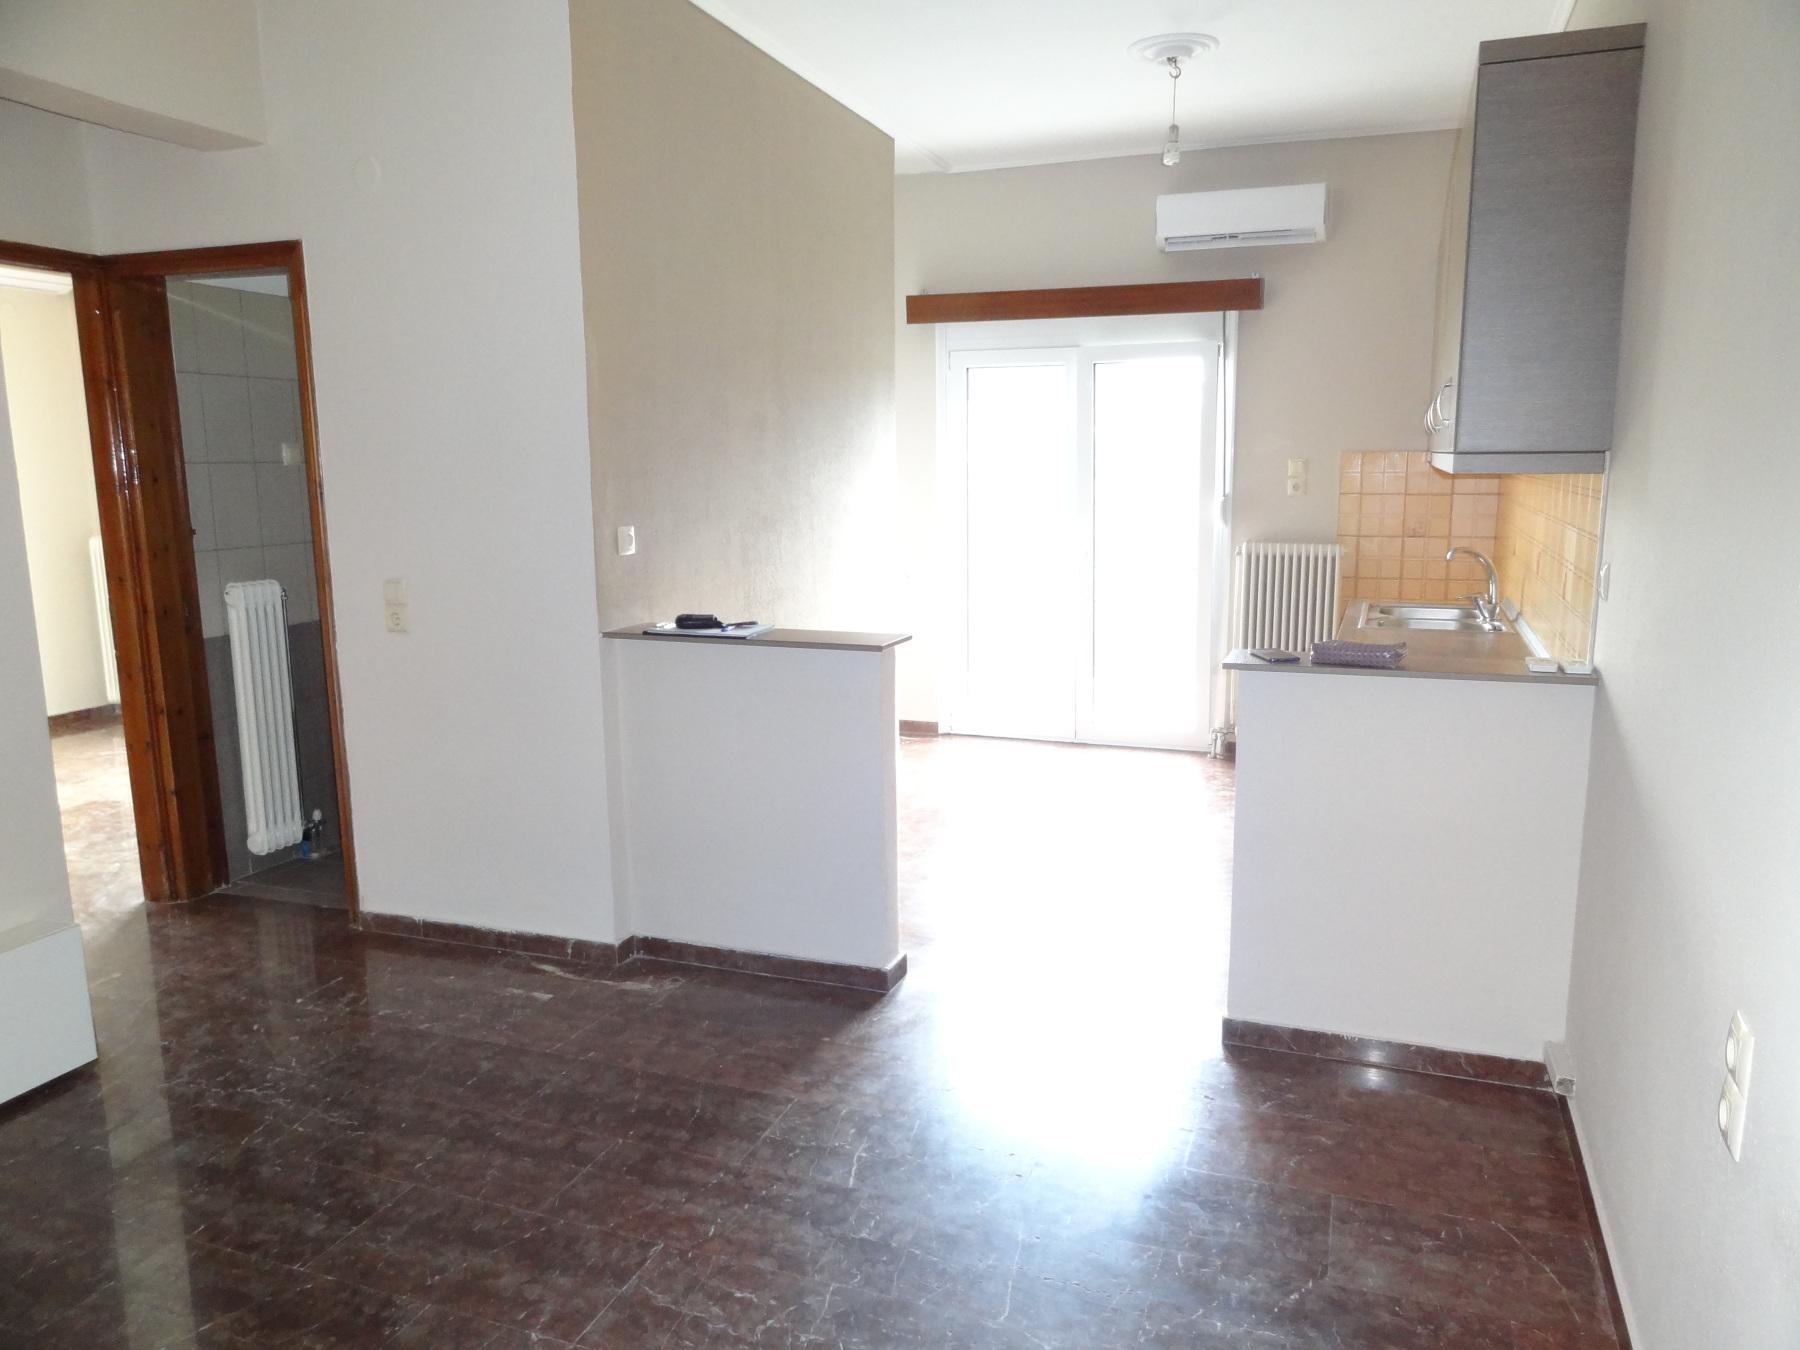 Ενοικιάζεται 2αρι διαμέρισμα 50 τ.μ. 2ου ορόφου στην Κιάφα στα Ιωάννινα